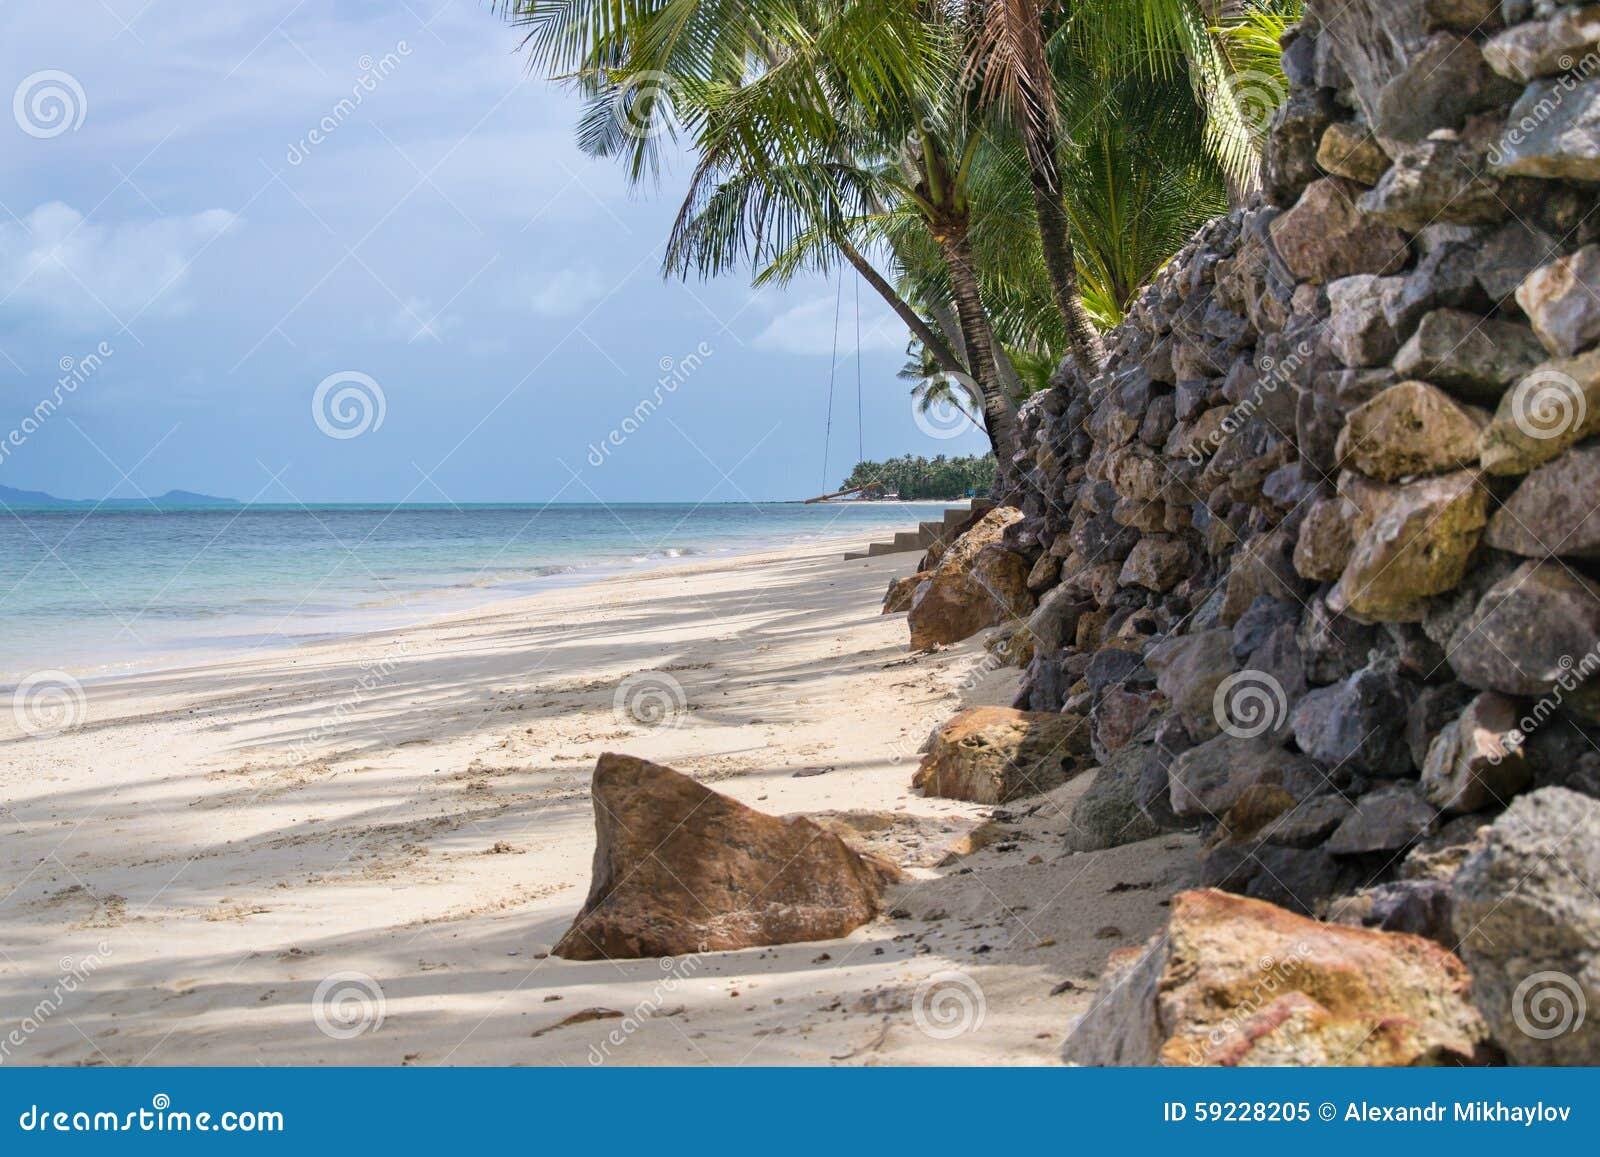 Download La playa Samui imagen de archivo. Imagen de árboles, calor - 59228205